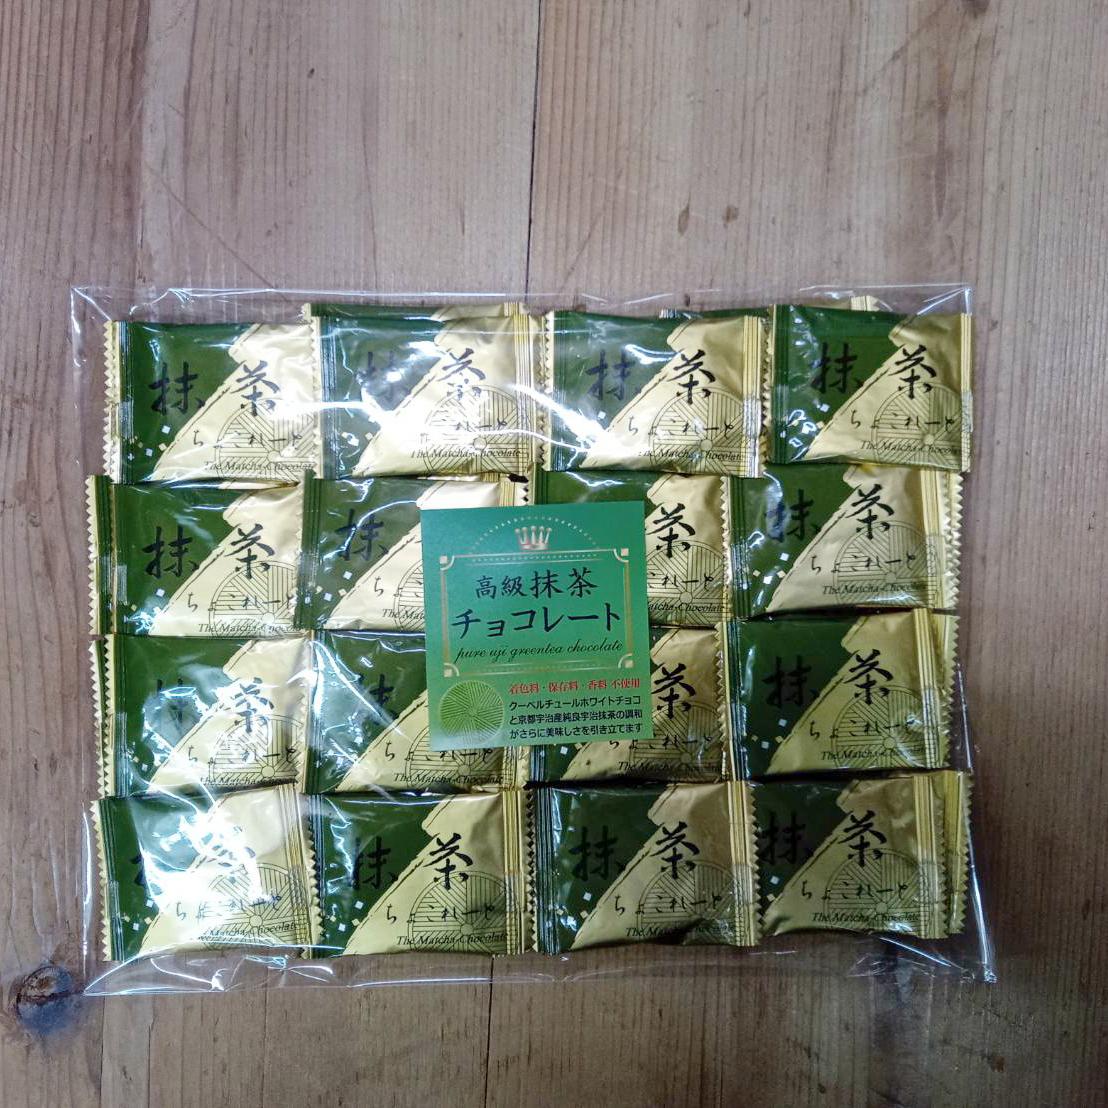 【お徳用】高級抹茶チョコレート(個包装40枚入り)京都宇治産の高級抹茶使用_画像4